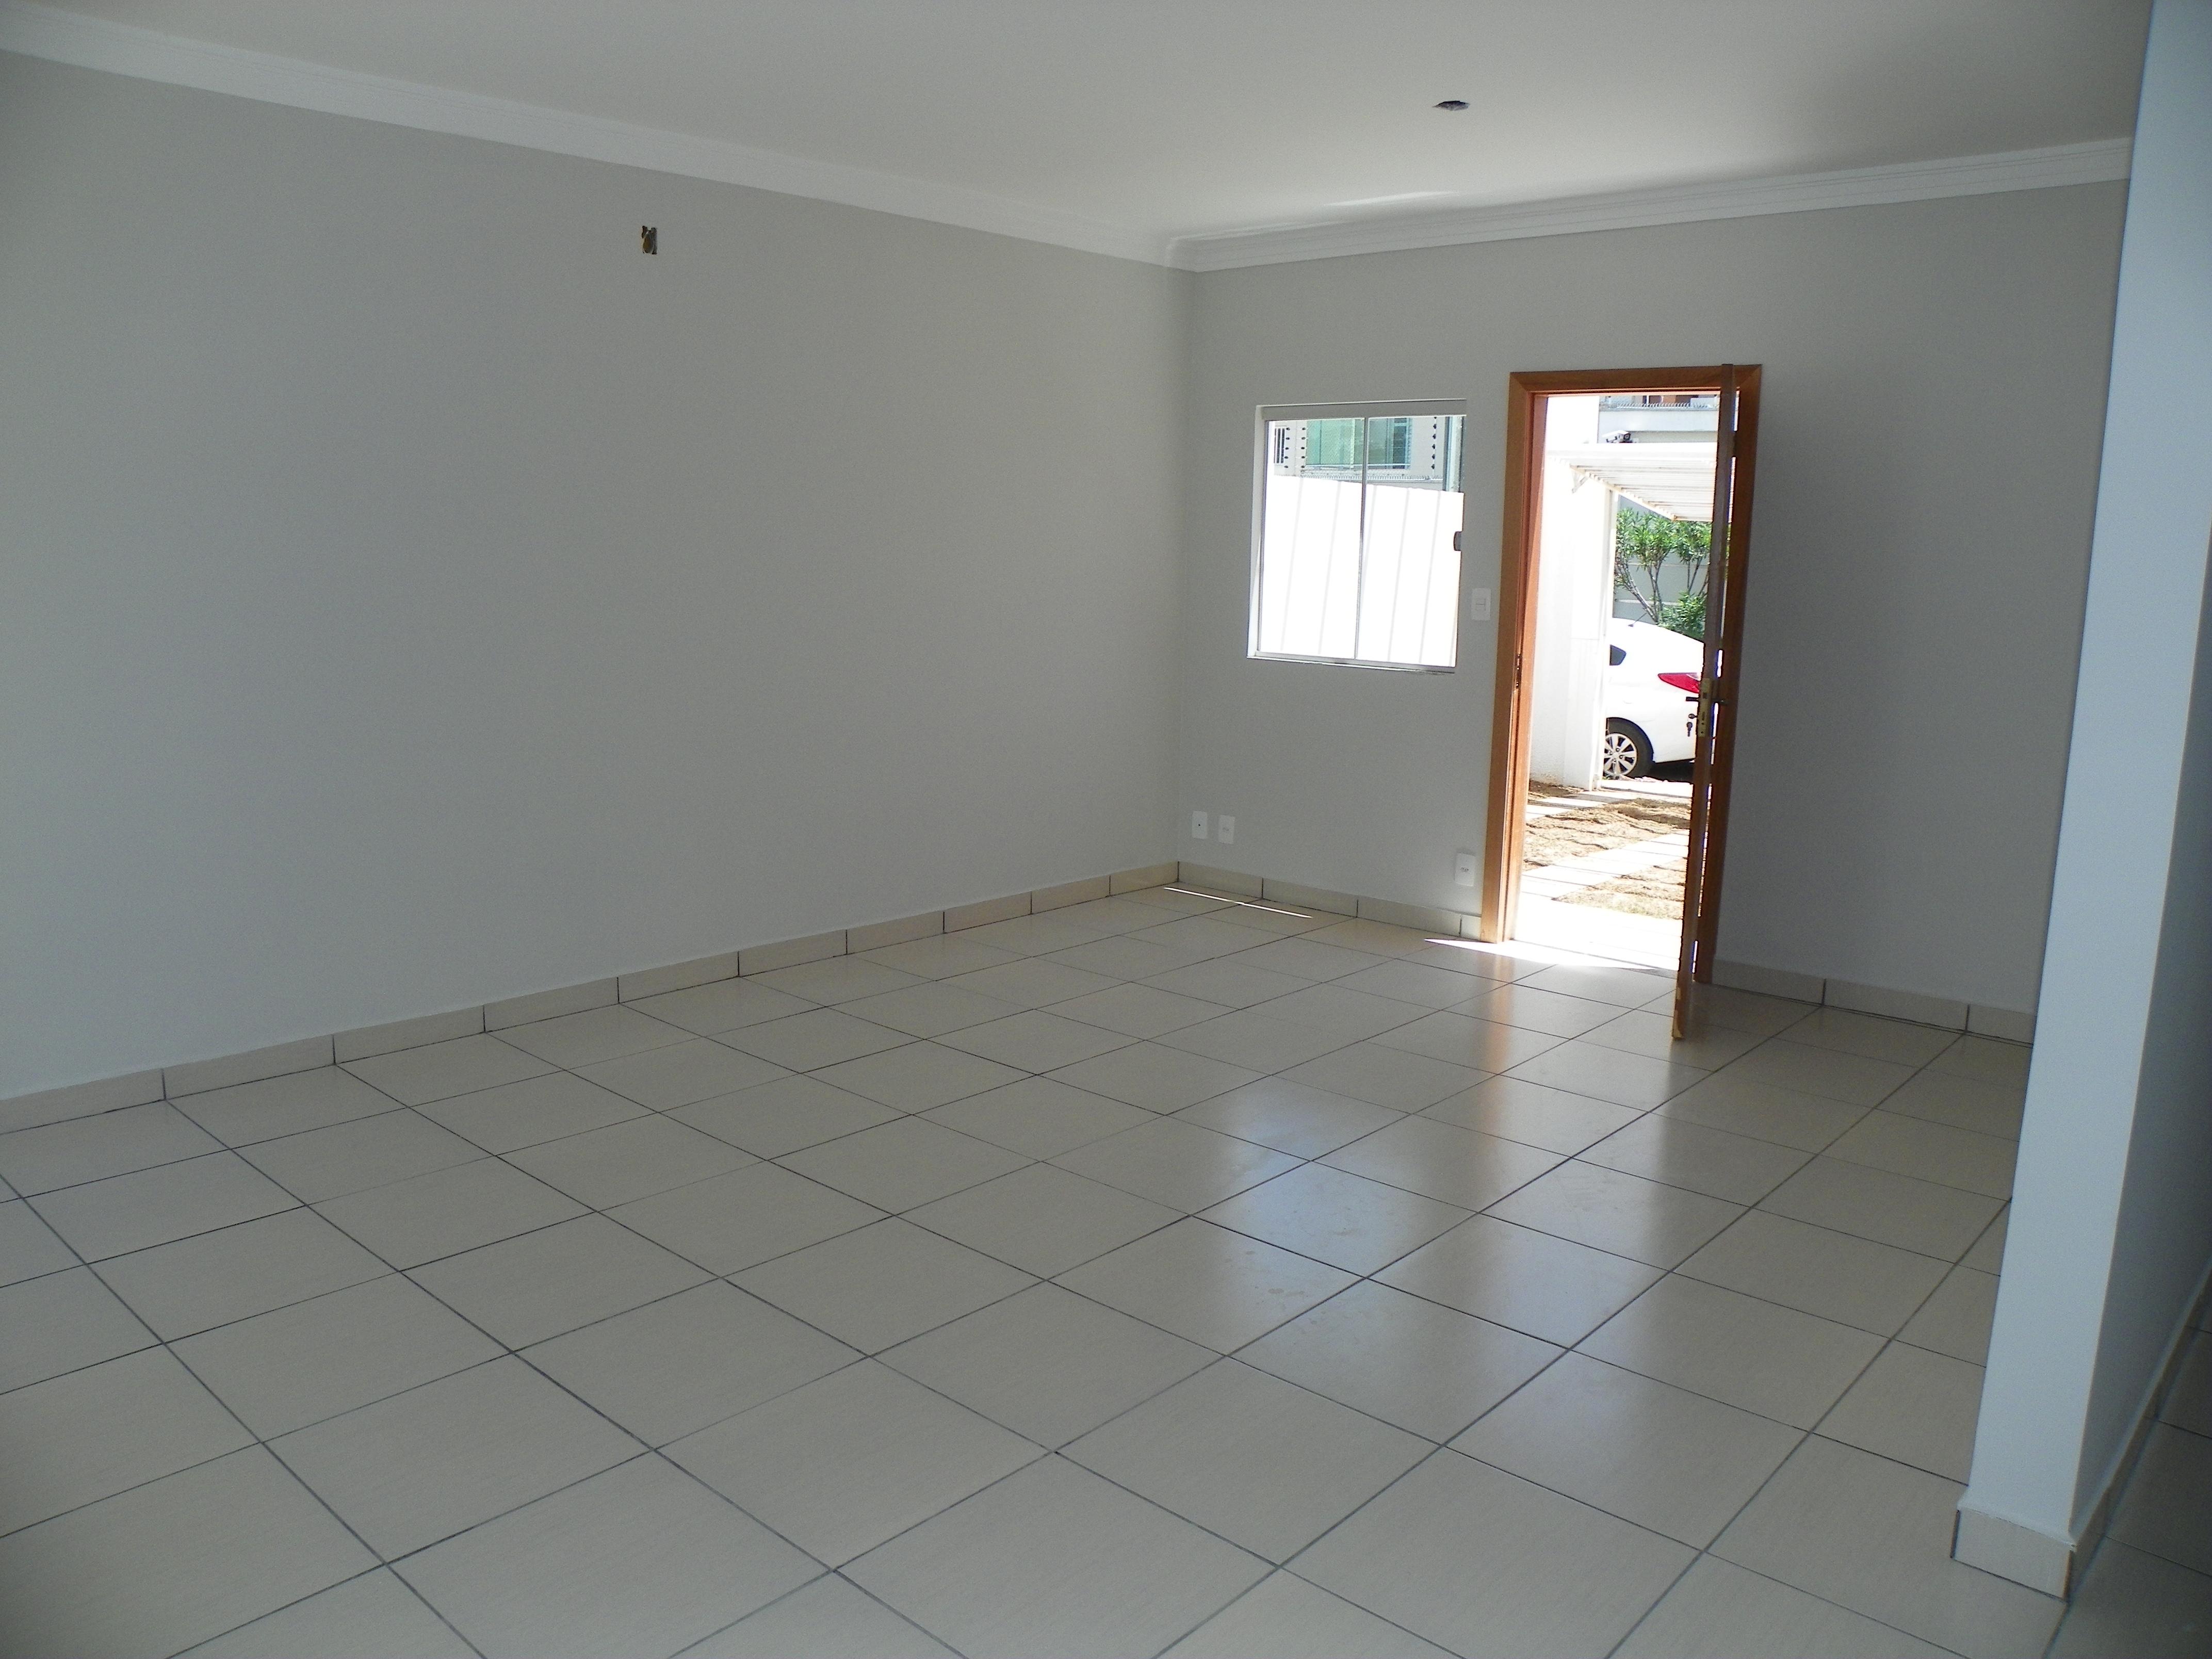 Casa à venda,  com 2 quartos sendo 1 suite no SANTA ROSA em Cuiabá MT 101 11968